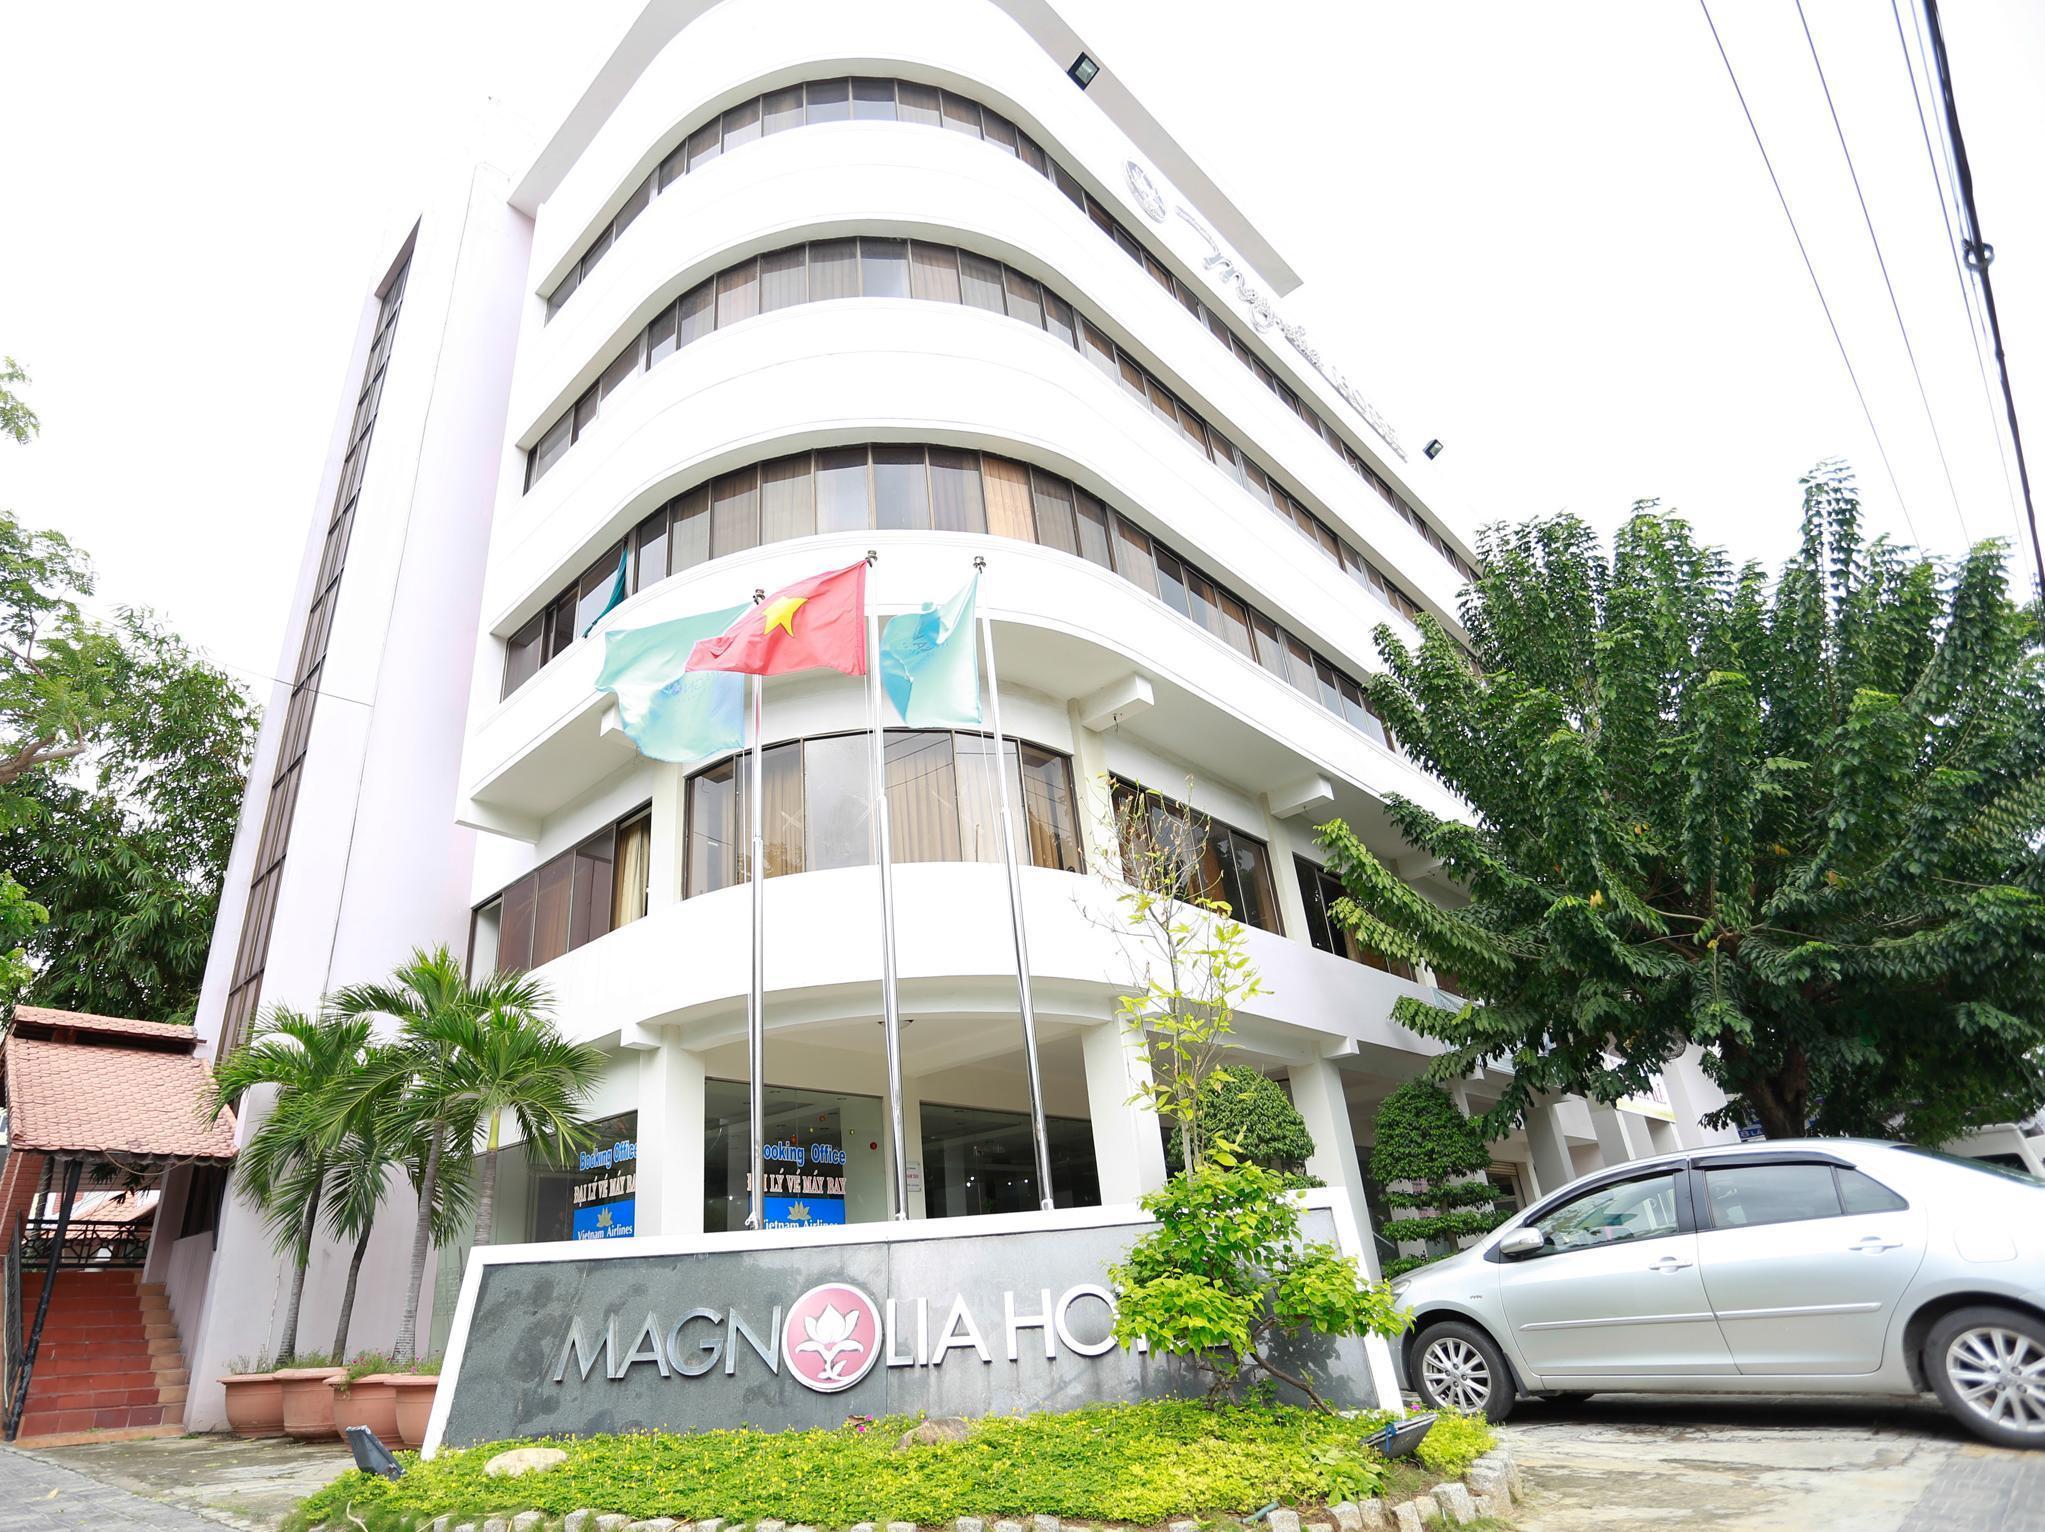 Magnolia Hotel - Hotell och Boende i Vietnam , Da Nang